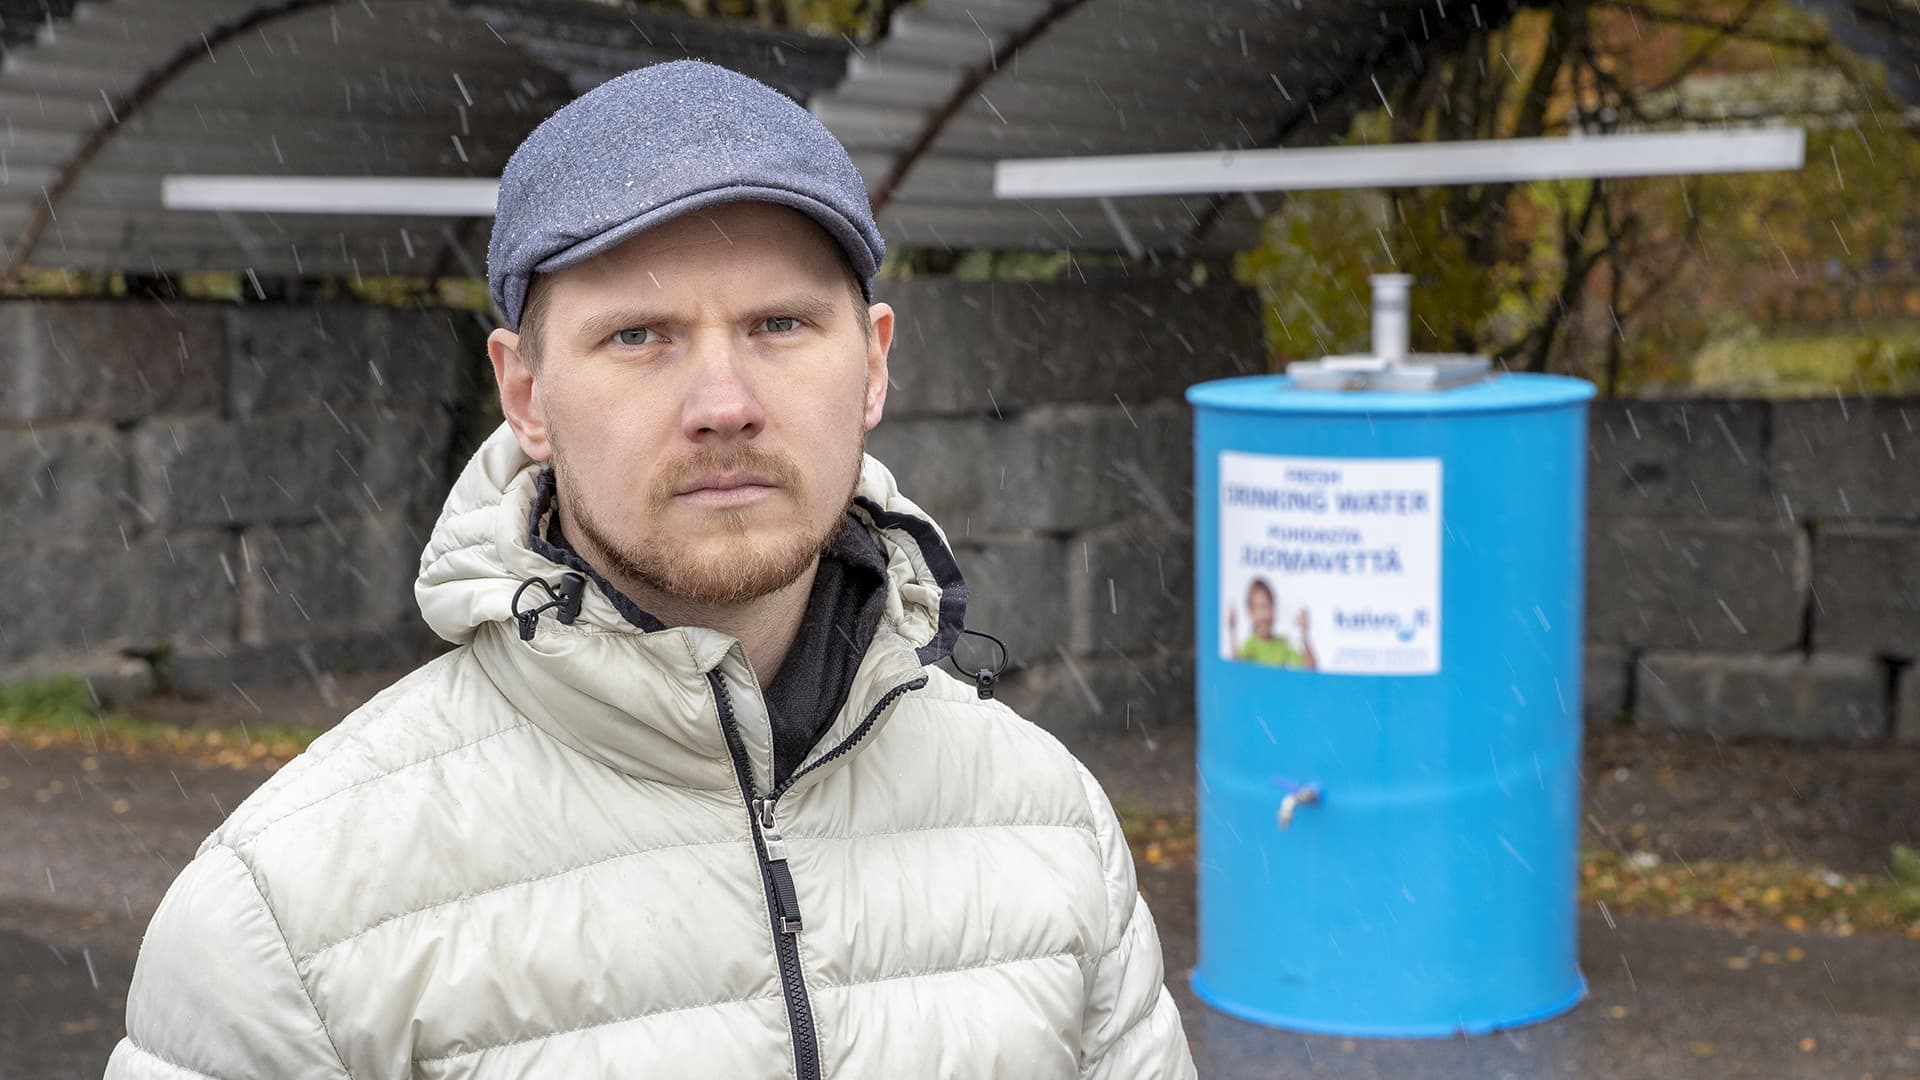 Kunnanjohtaja Eero Vainio seisoo Petäjävedellä kadulla olevalla vesipisteellä.